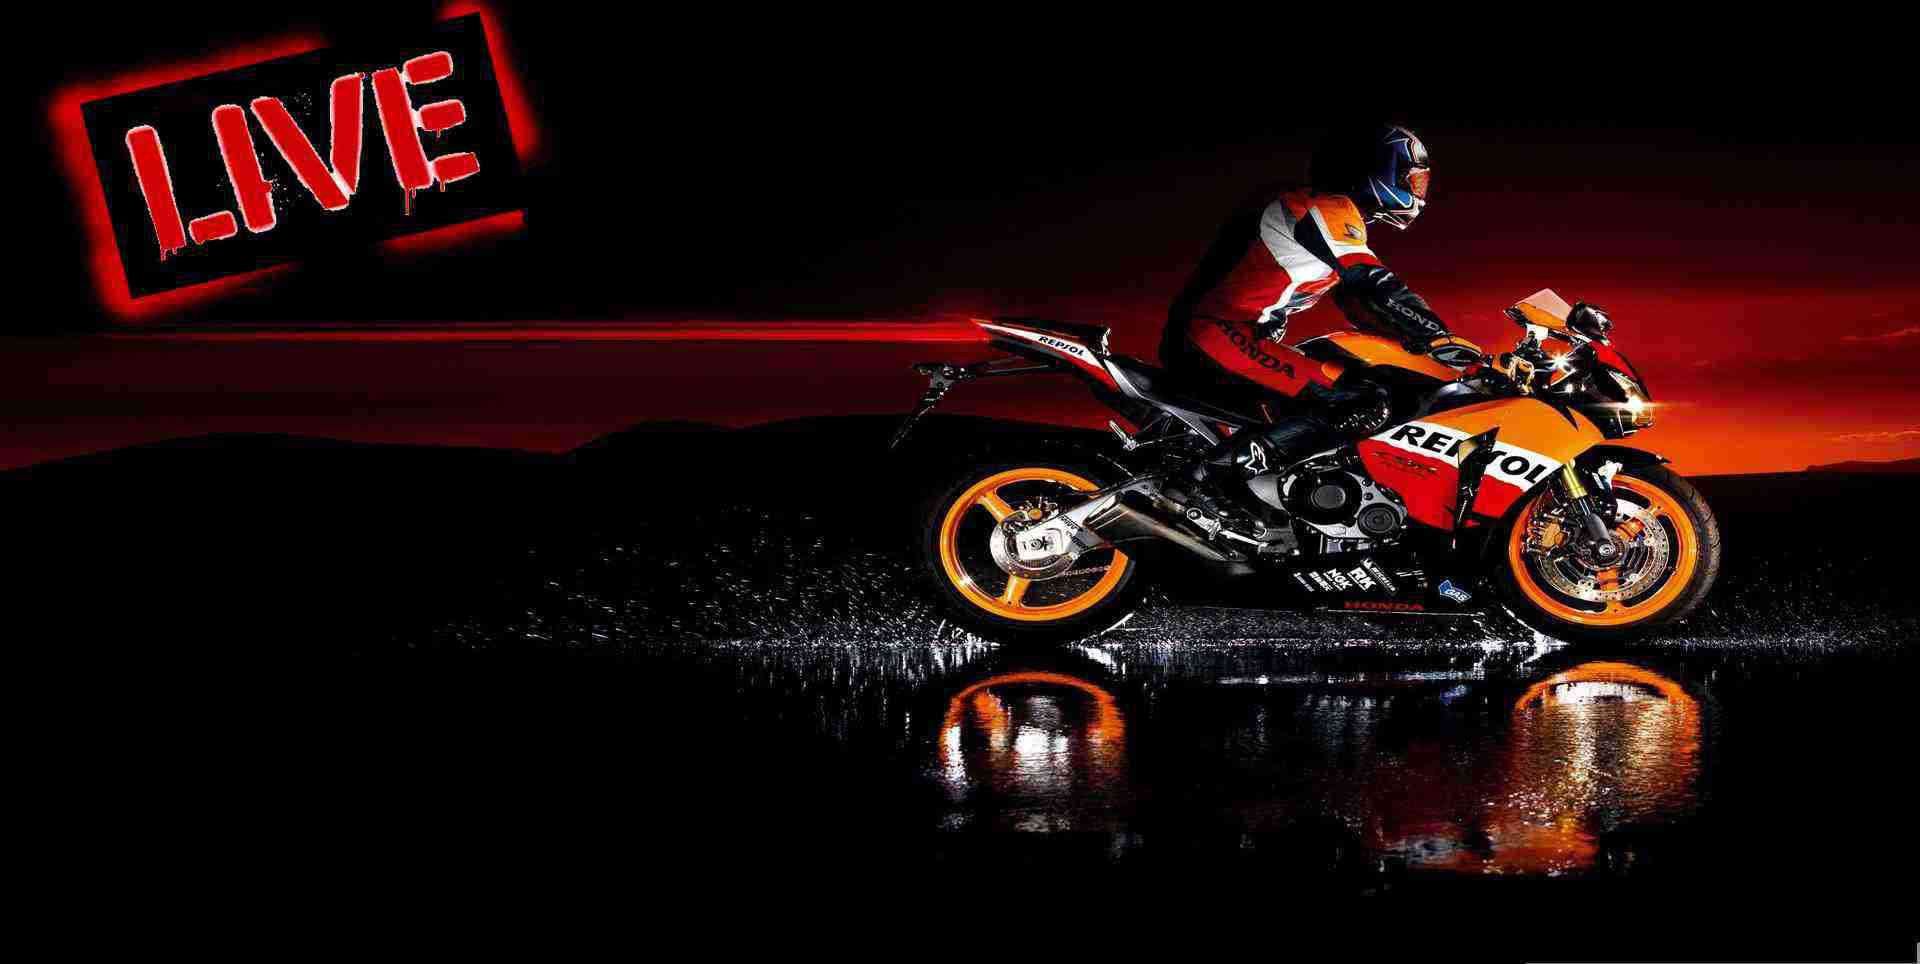 watch-shell-advance-malaysian-motorcycle-grand-prix-2013-online